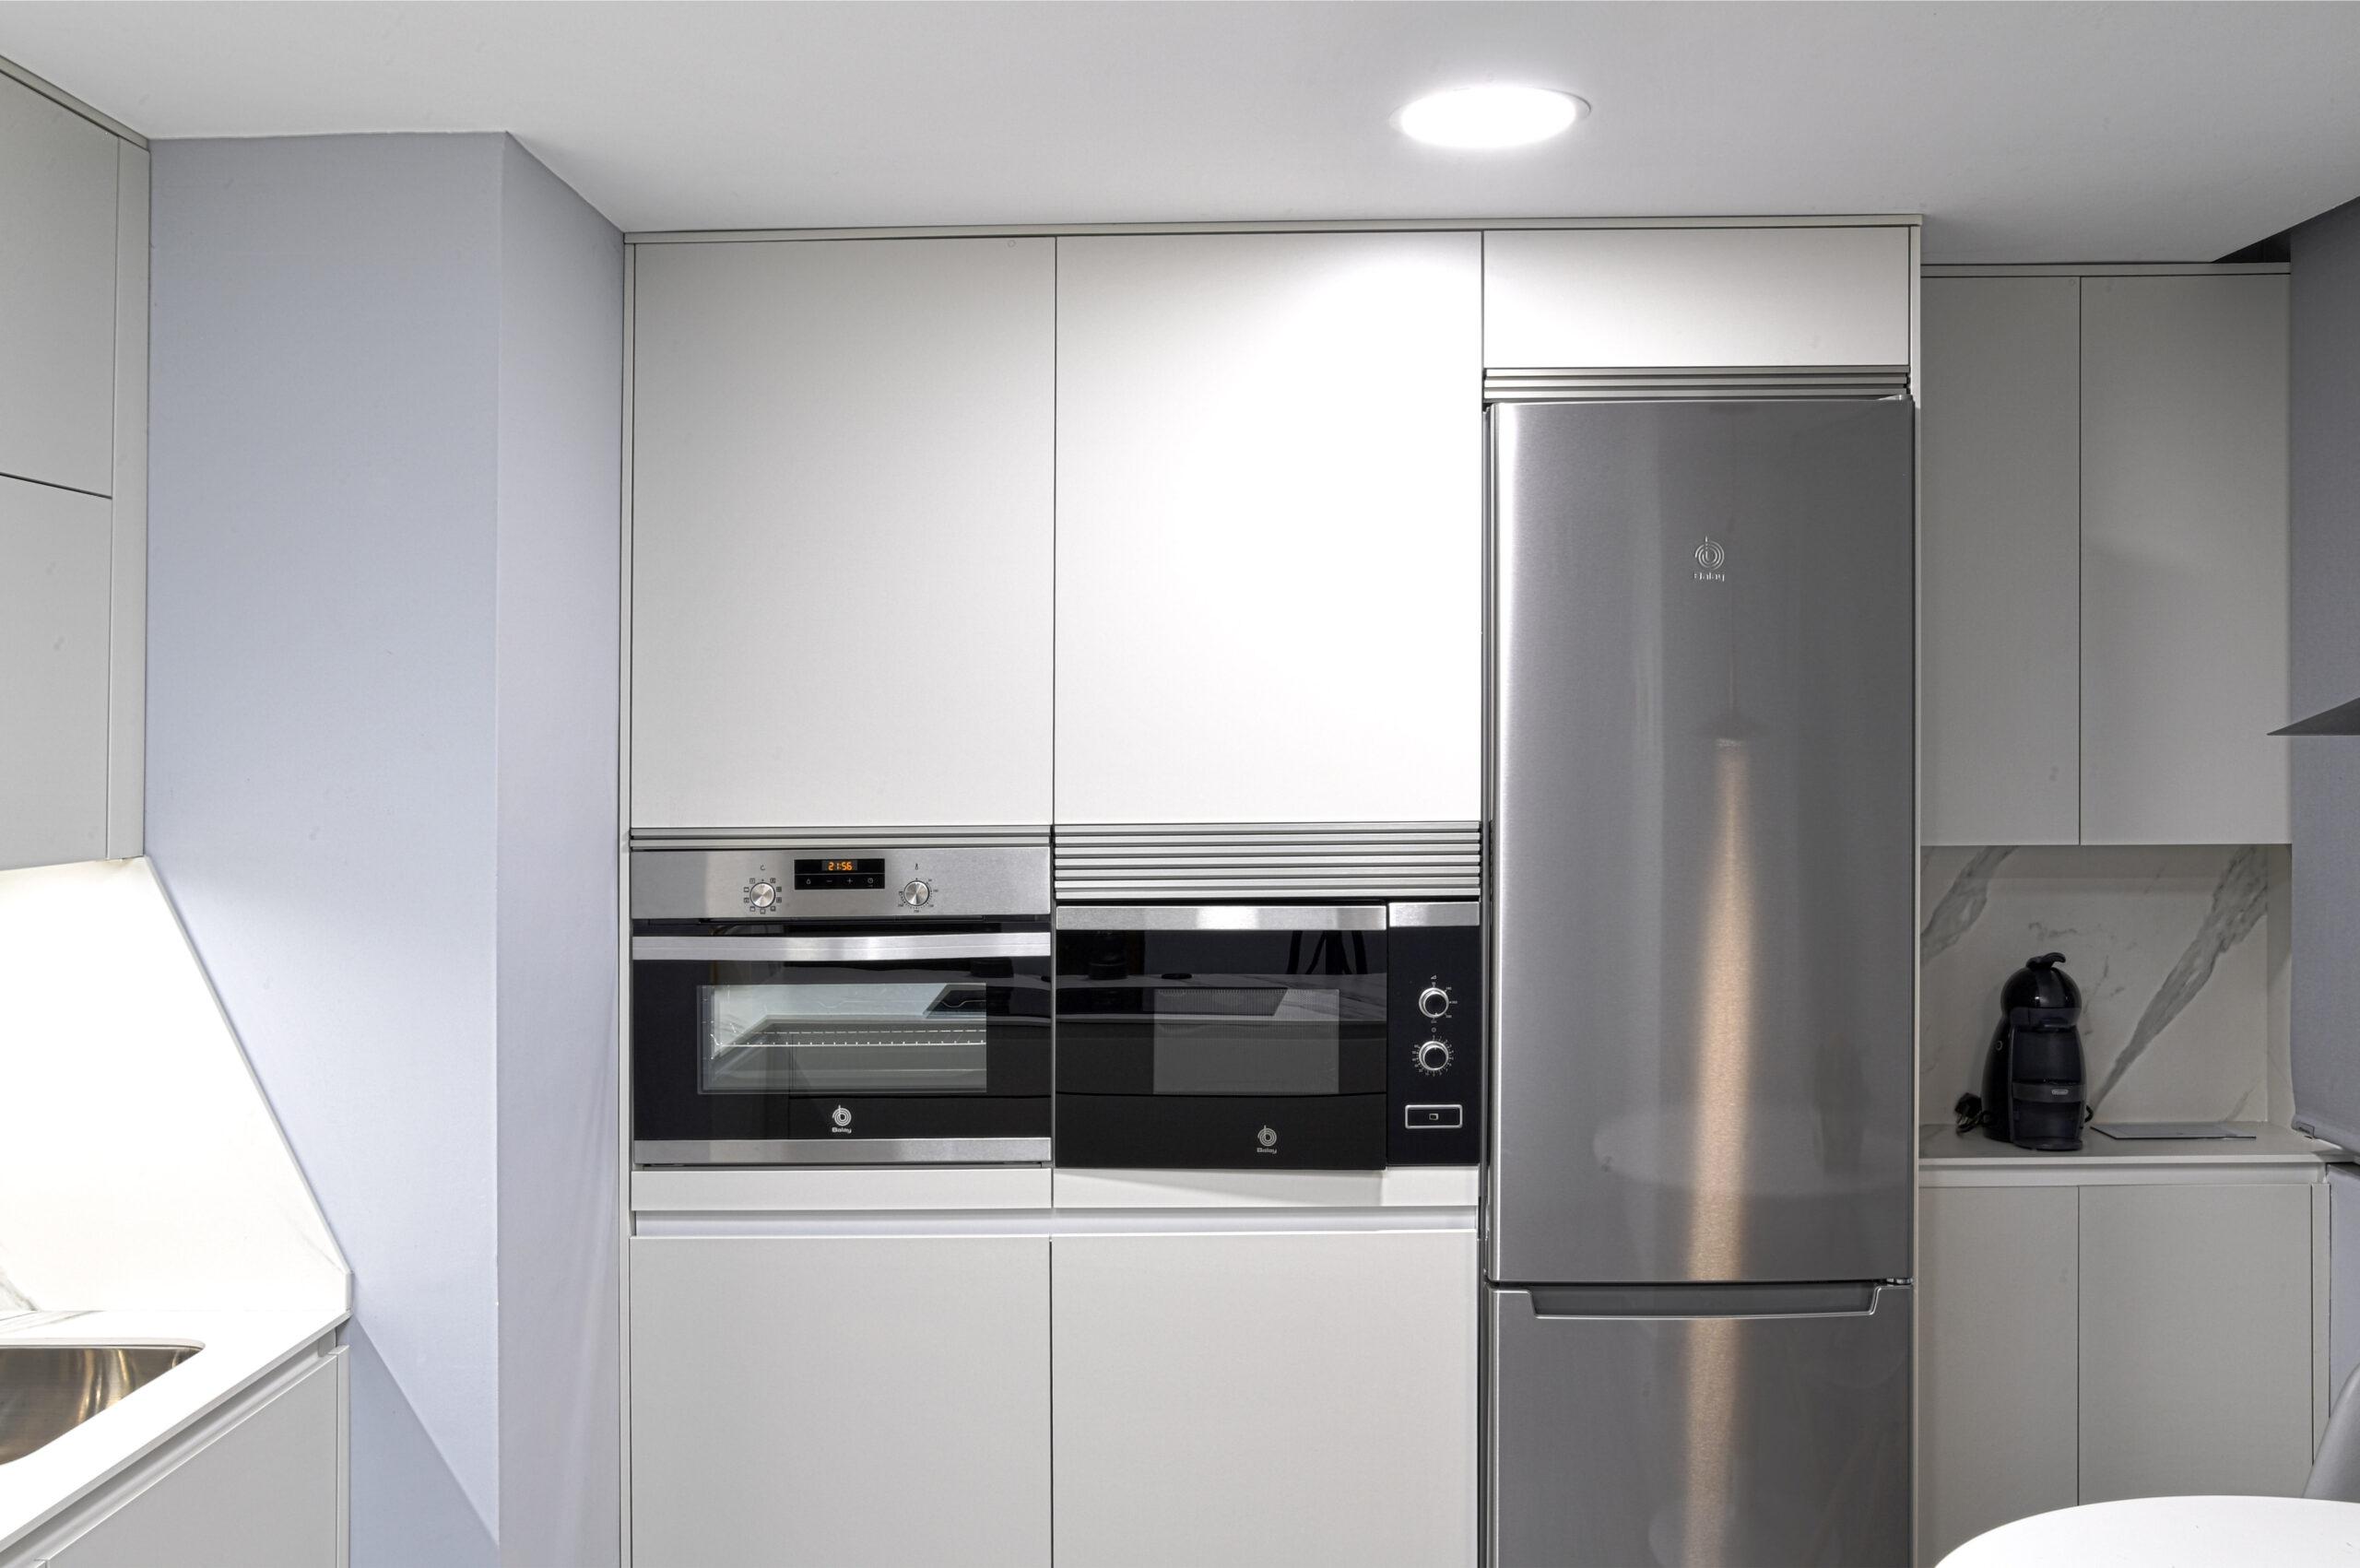 Zona electrodomésticos y torres altas Cocinas pequeñas con peninsula